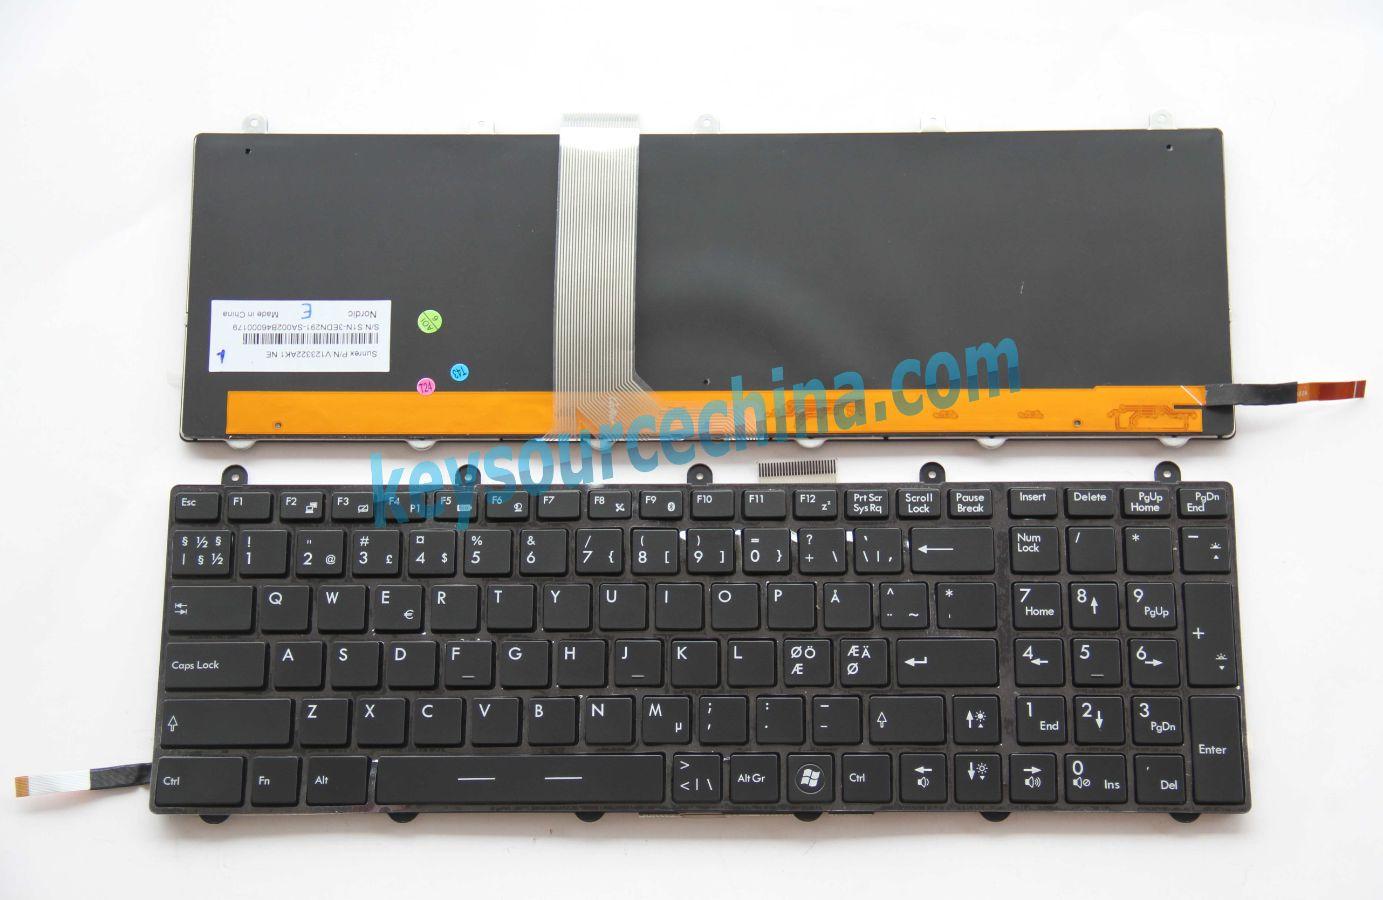 Tastatur Keyboard mit Beleuchtung Version 2 kompatibel f/ür MSI GX70 DEUTSCHE